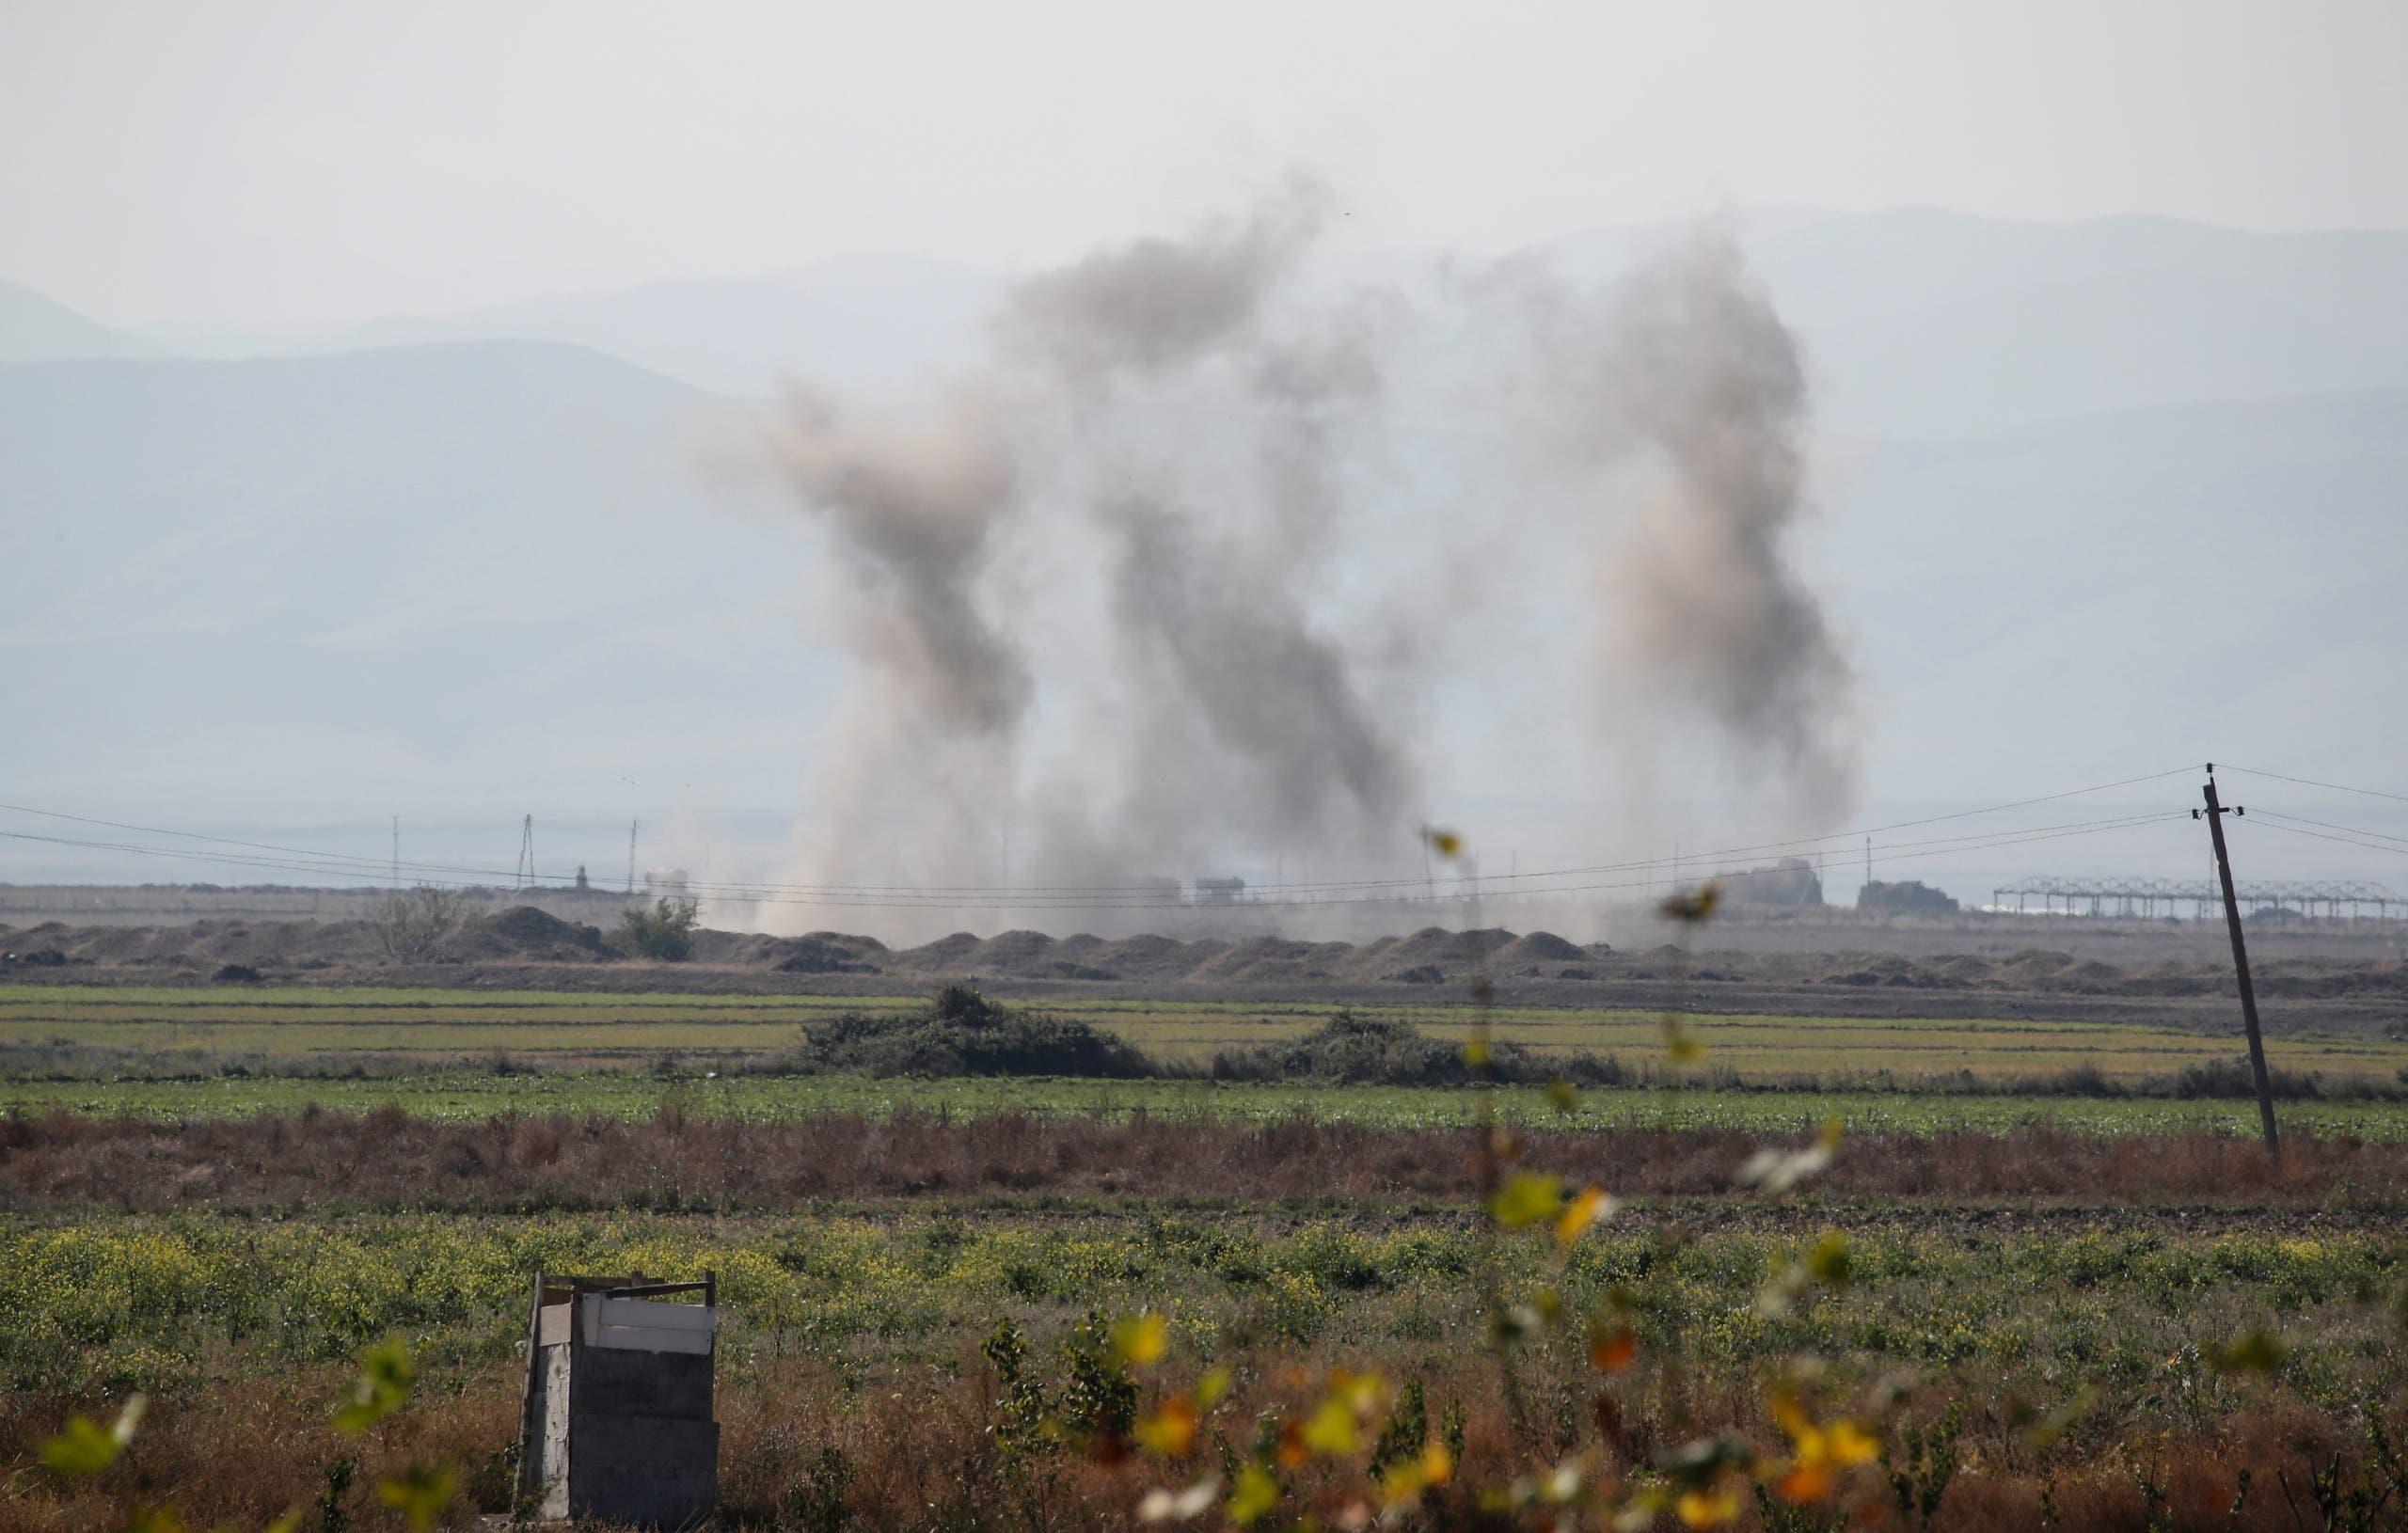 القصف في إقليم ناغورنو كاراباخ